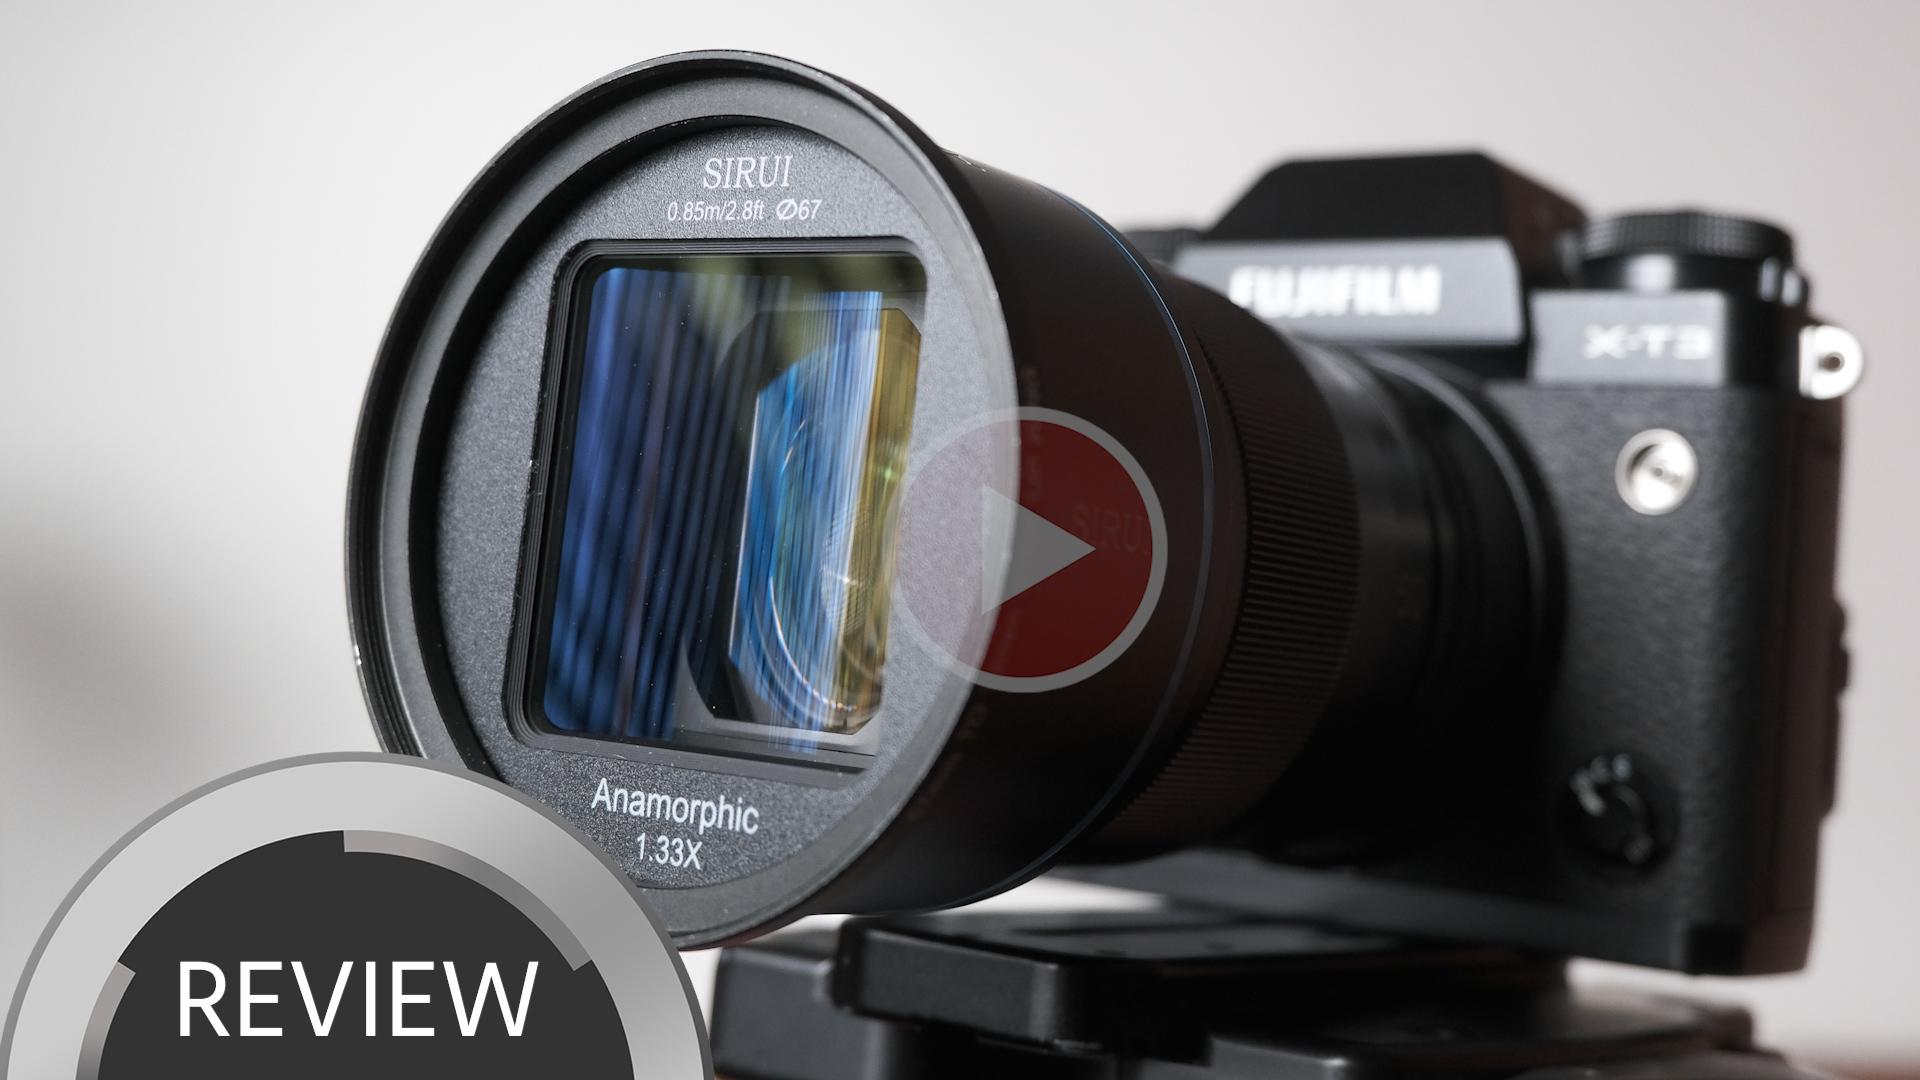 SIRUI 50mmアナモフィックレンズレビュー